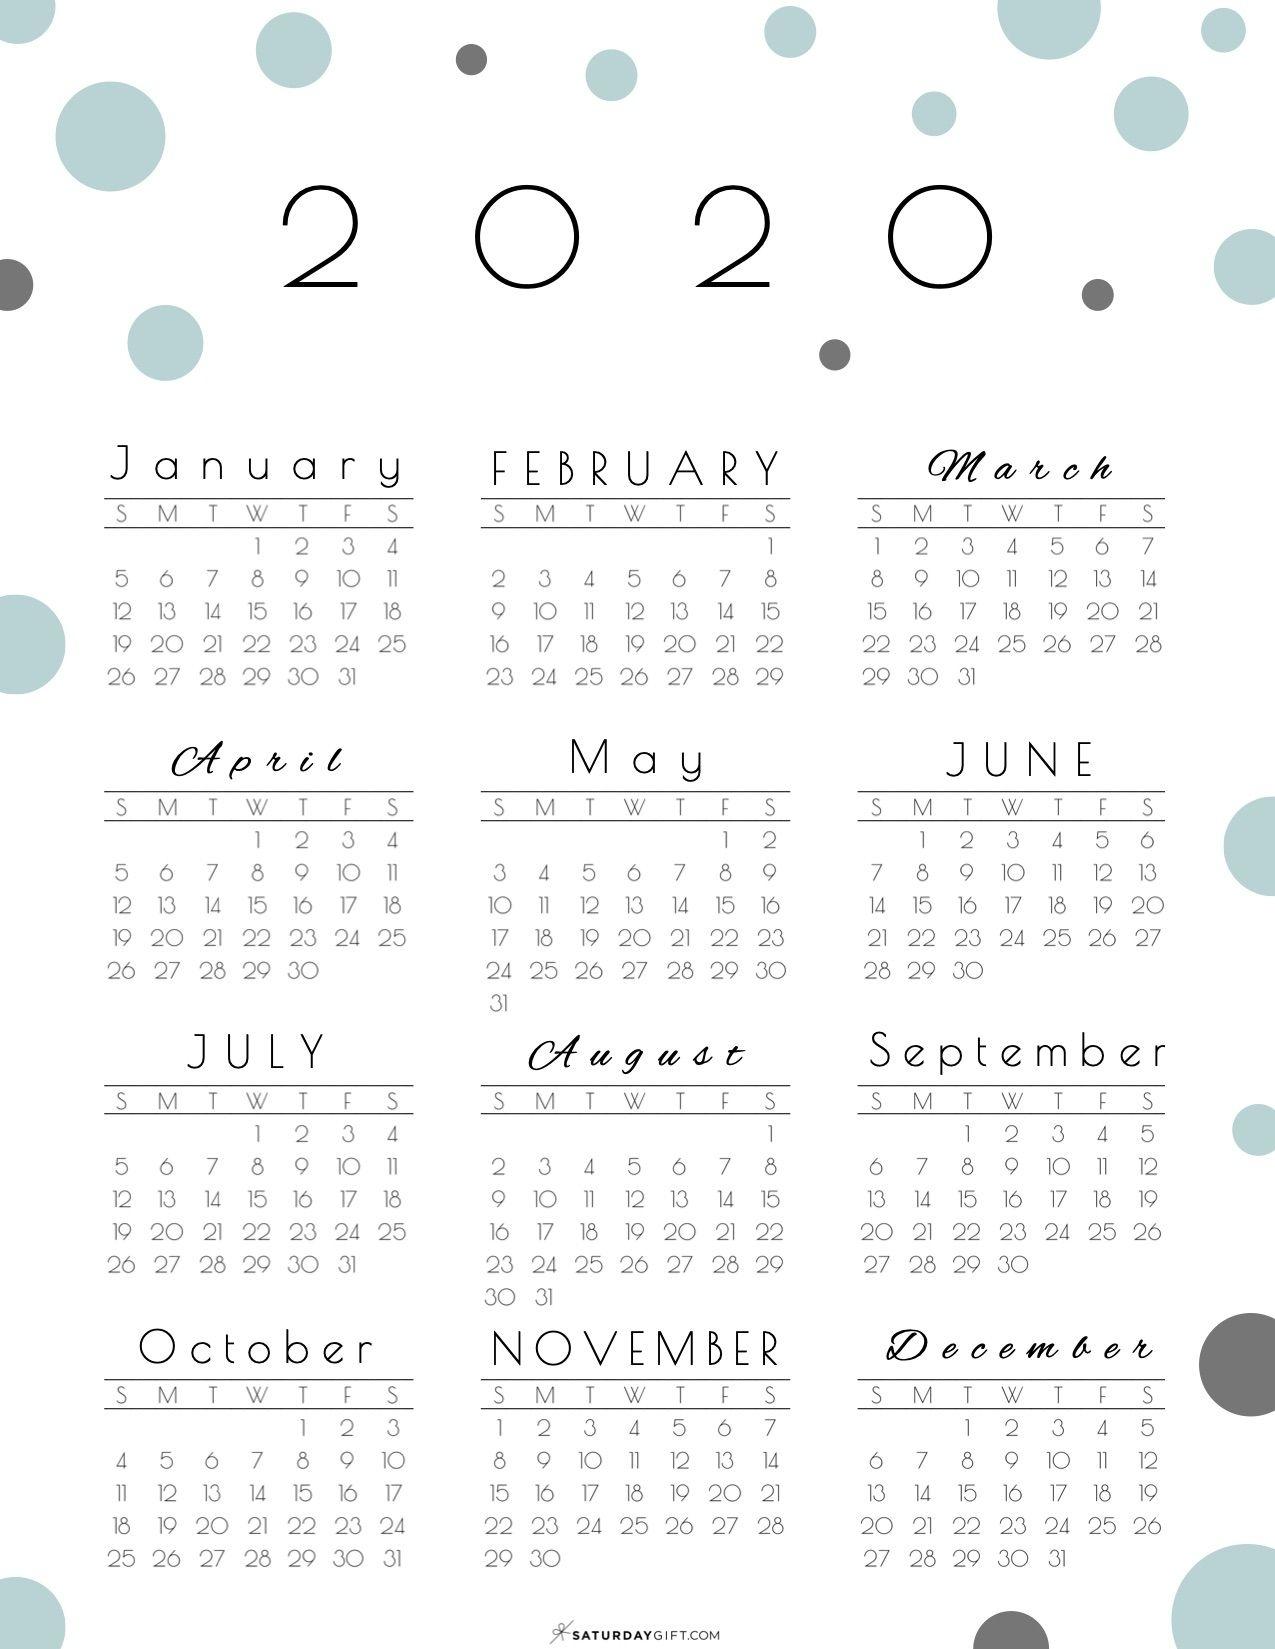 Year At A Glance Calendar 2020 - Pretty (&Free!) Printable inside 2020 At A Glance Calendar Template